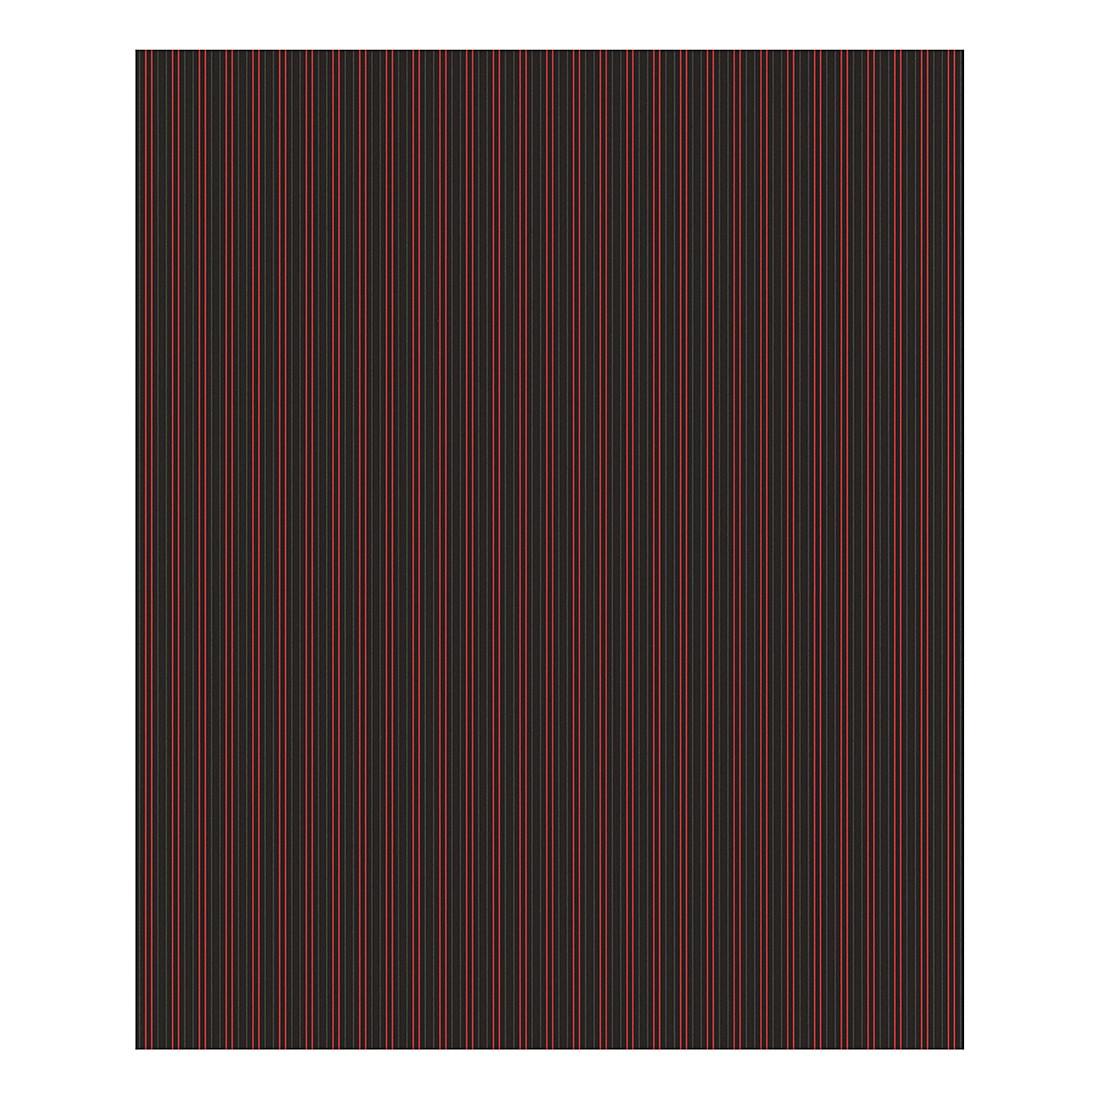 Tapete Stripe – schwarz – rot – staubgrau – metallic – fein strukturiert – glatt, Porsche Design Studio günstig kaufen